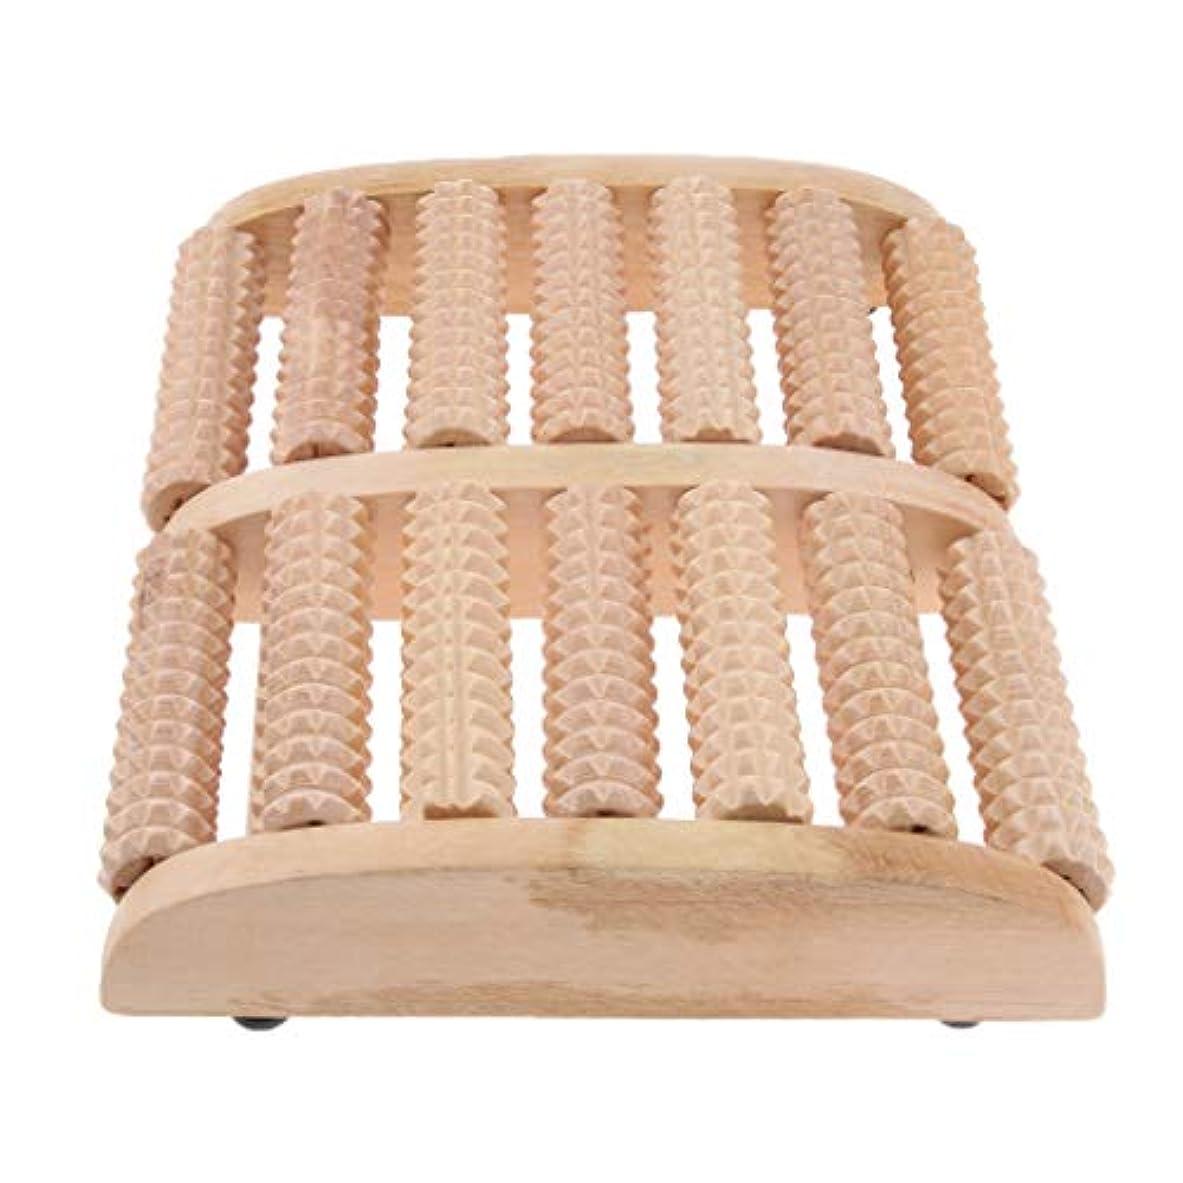 せがむズームインするきつくIPOTCH マッサージローラー 7行 自然木製 足踏み フットマッサージ ツボ押し 痛み緩和 健康器具 高品質